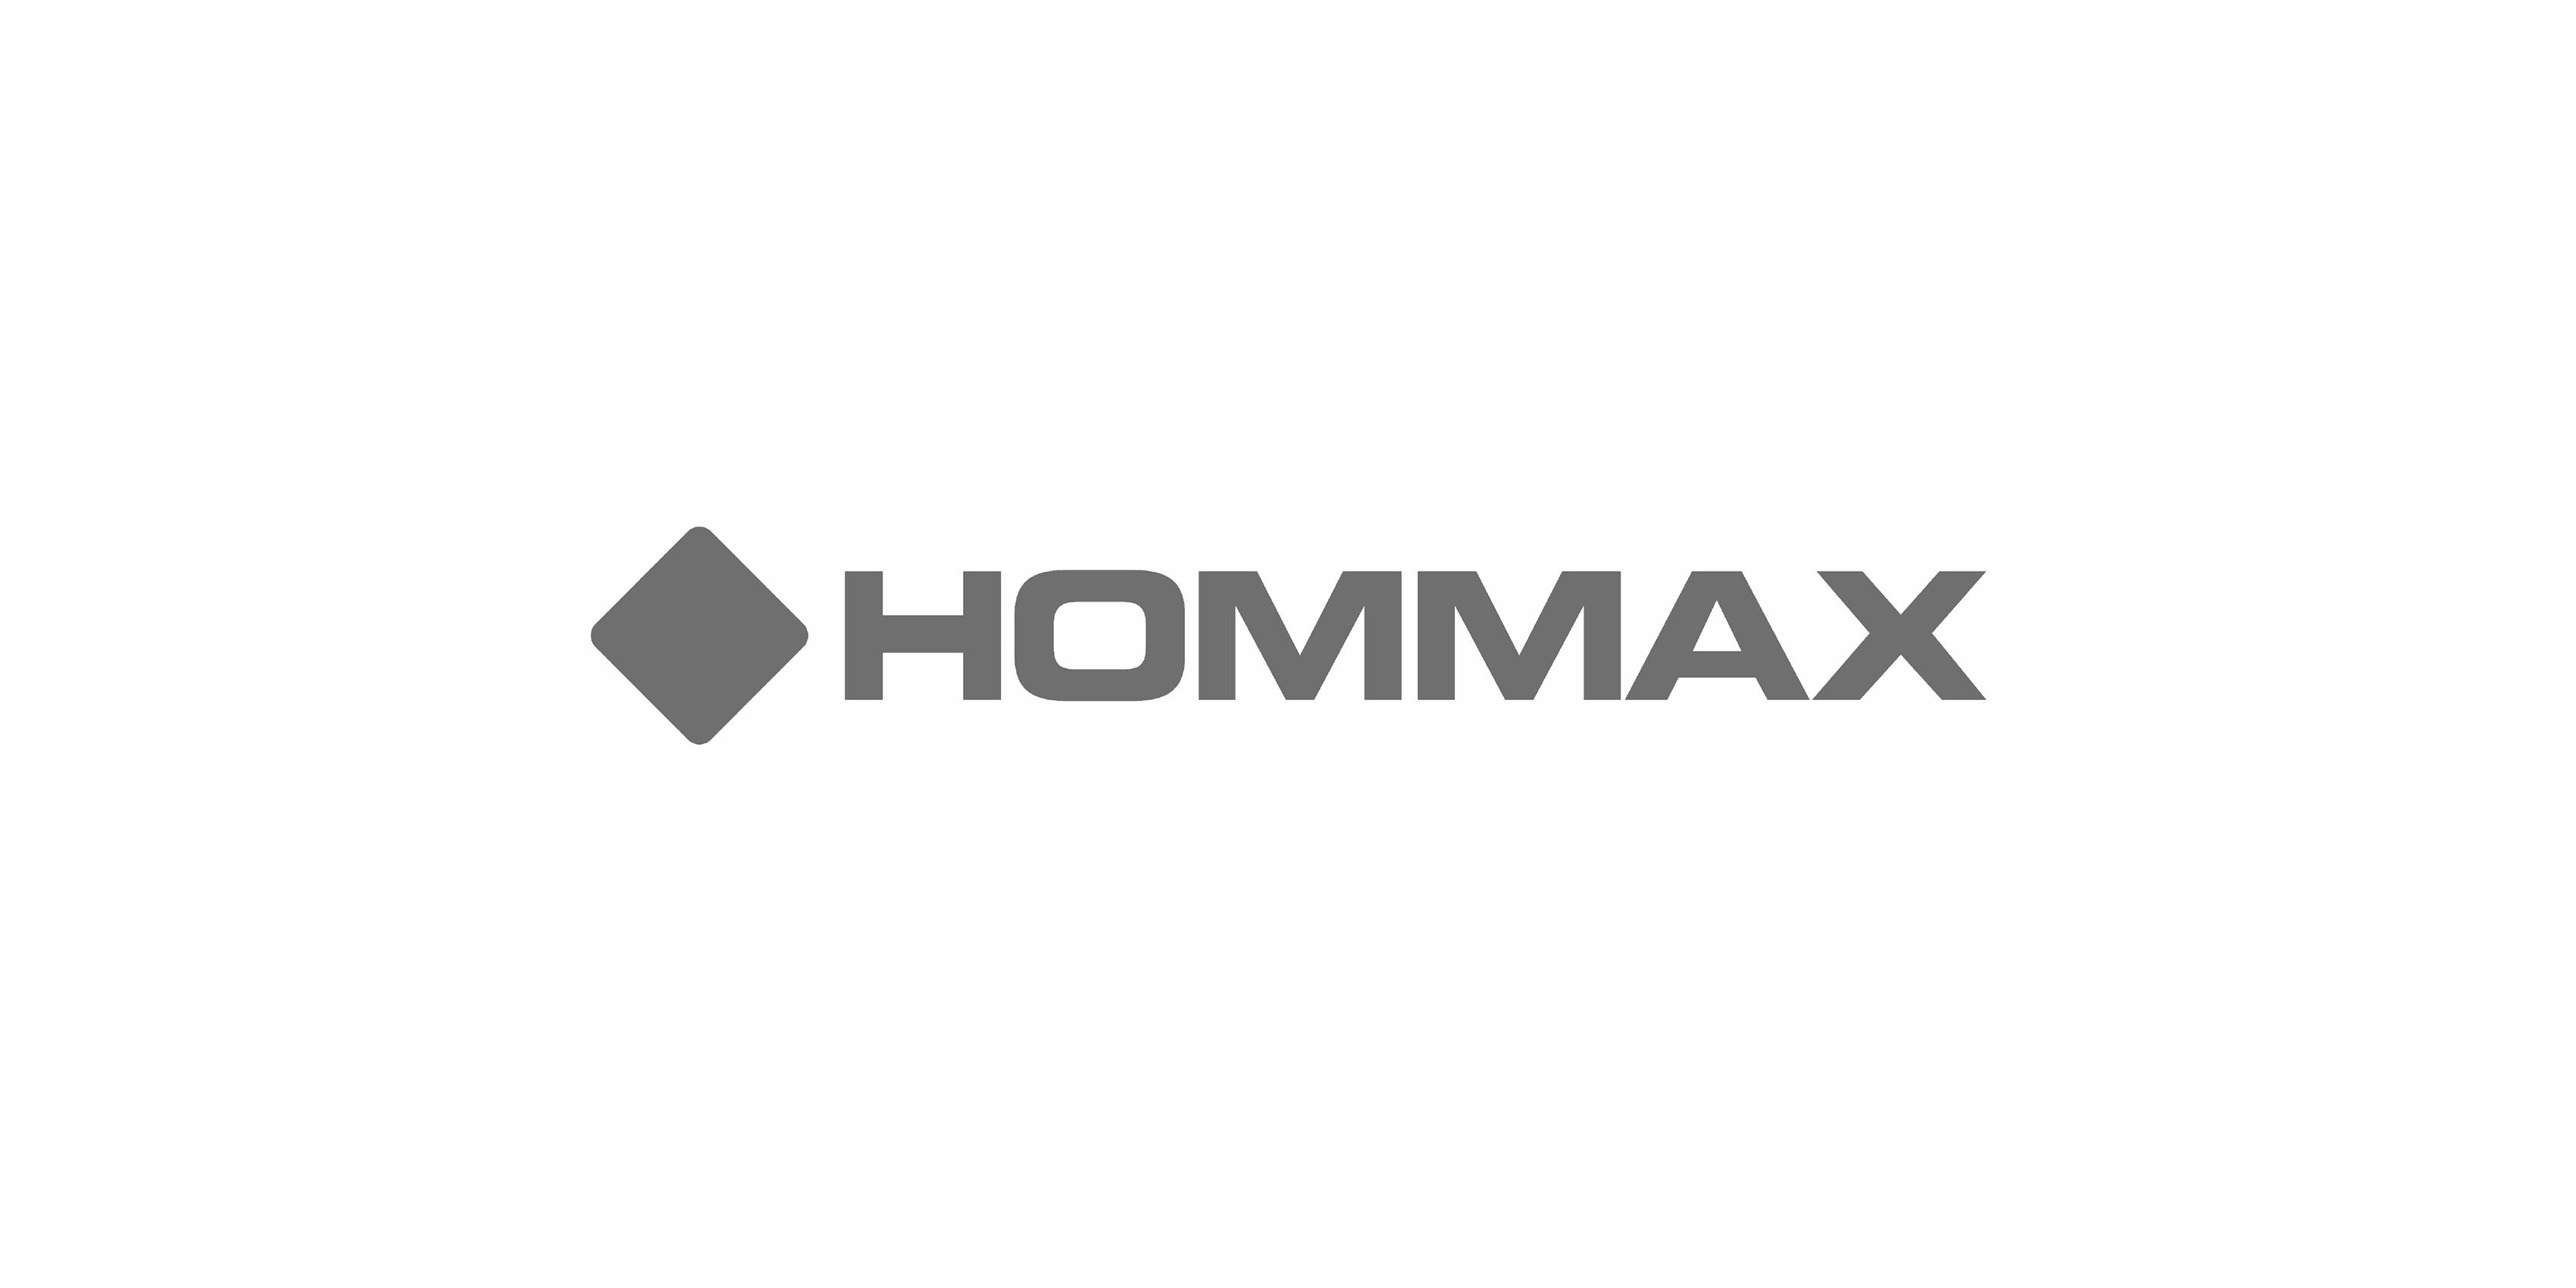 Hommax